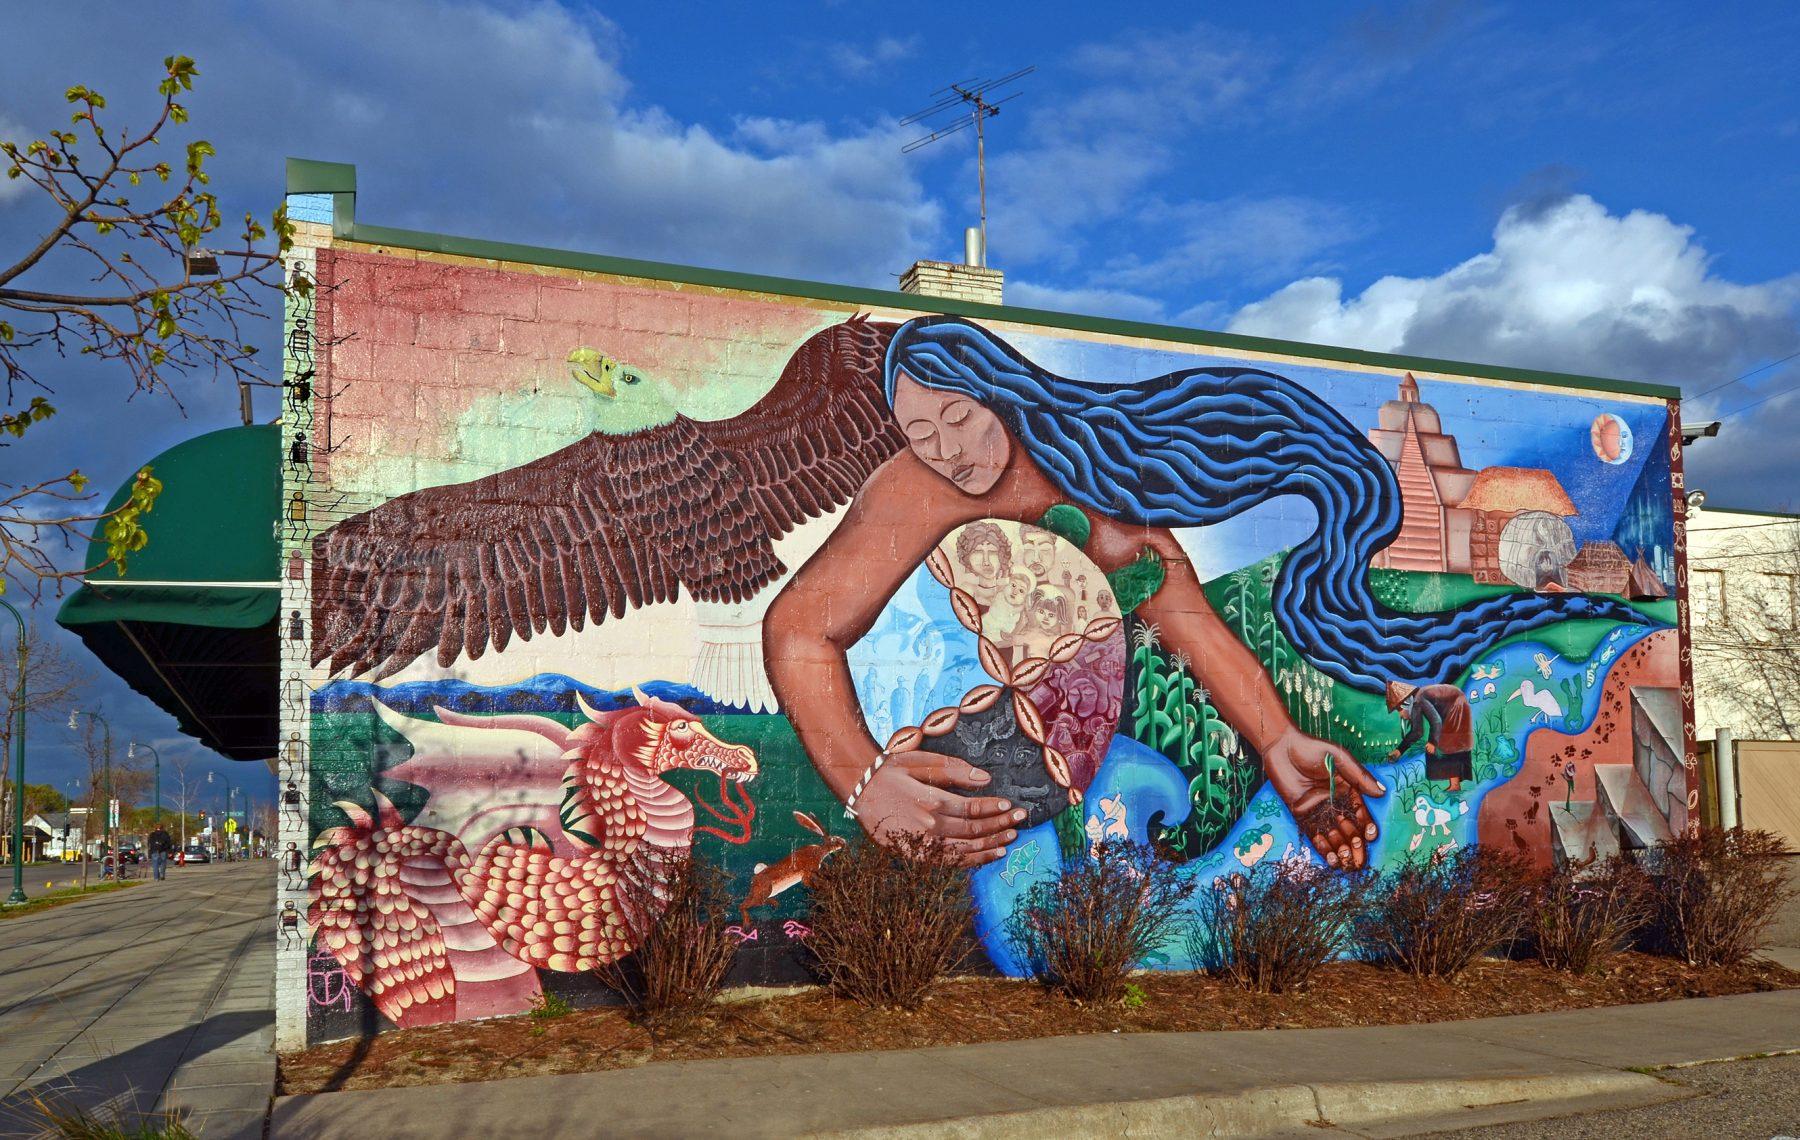 Lake Street Mural